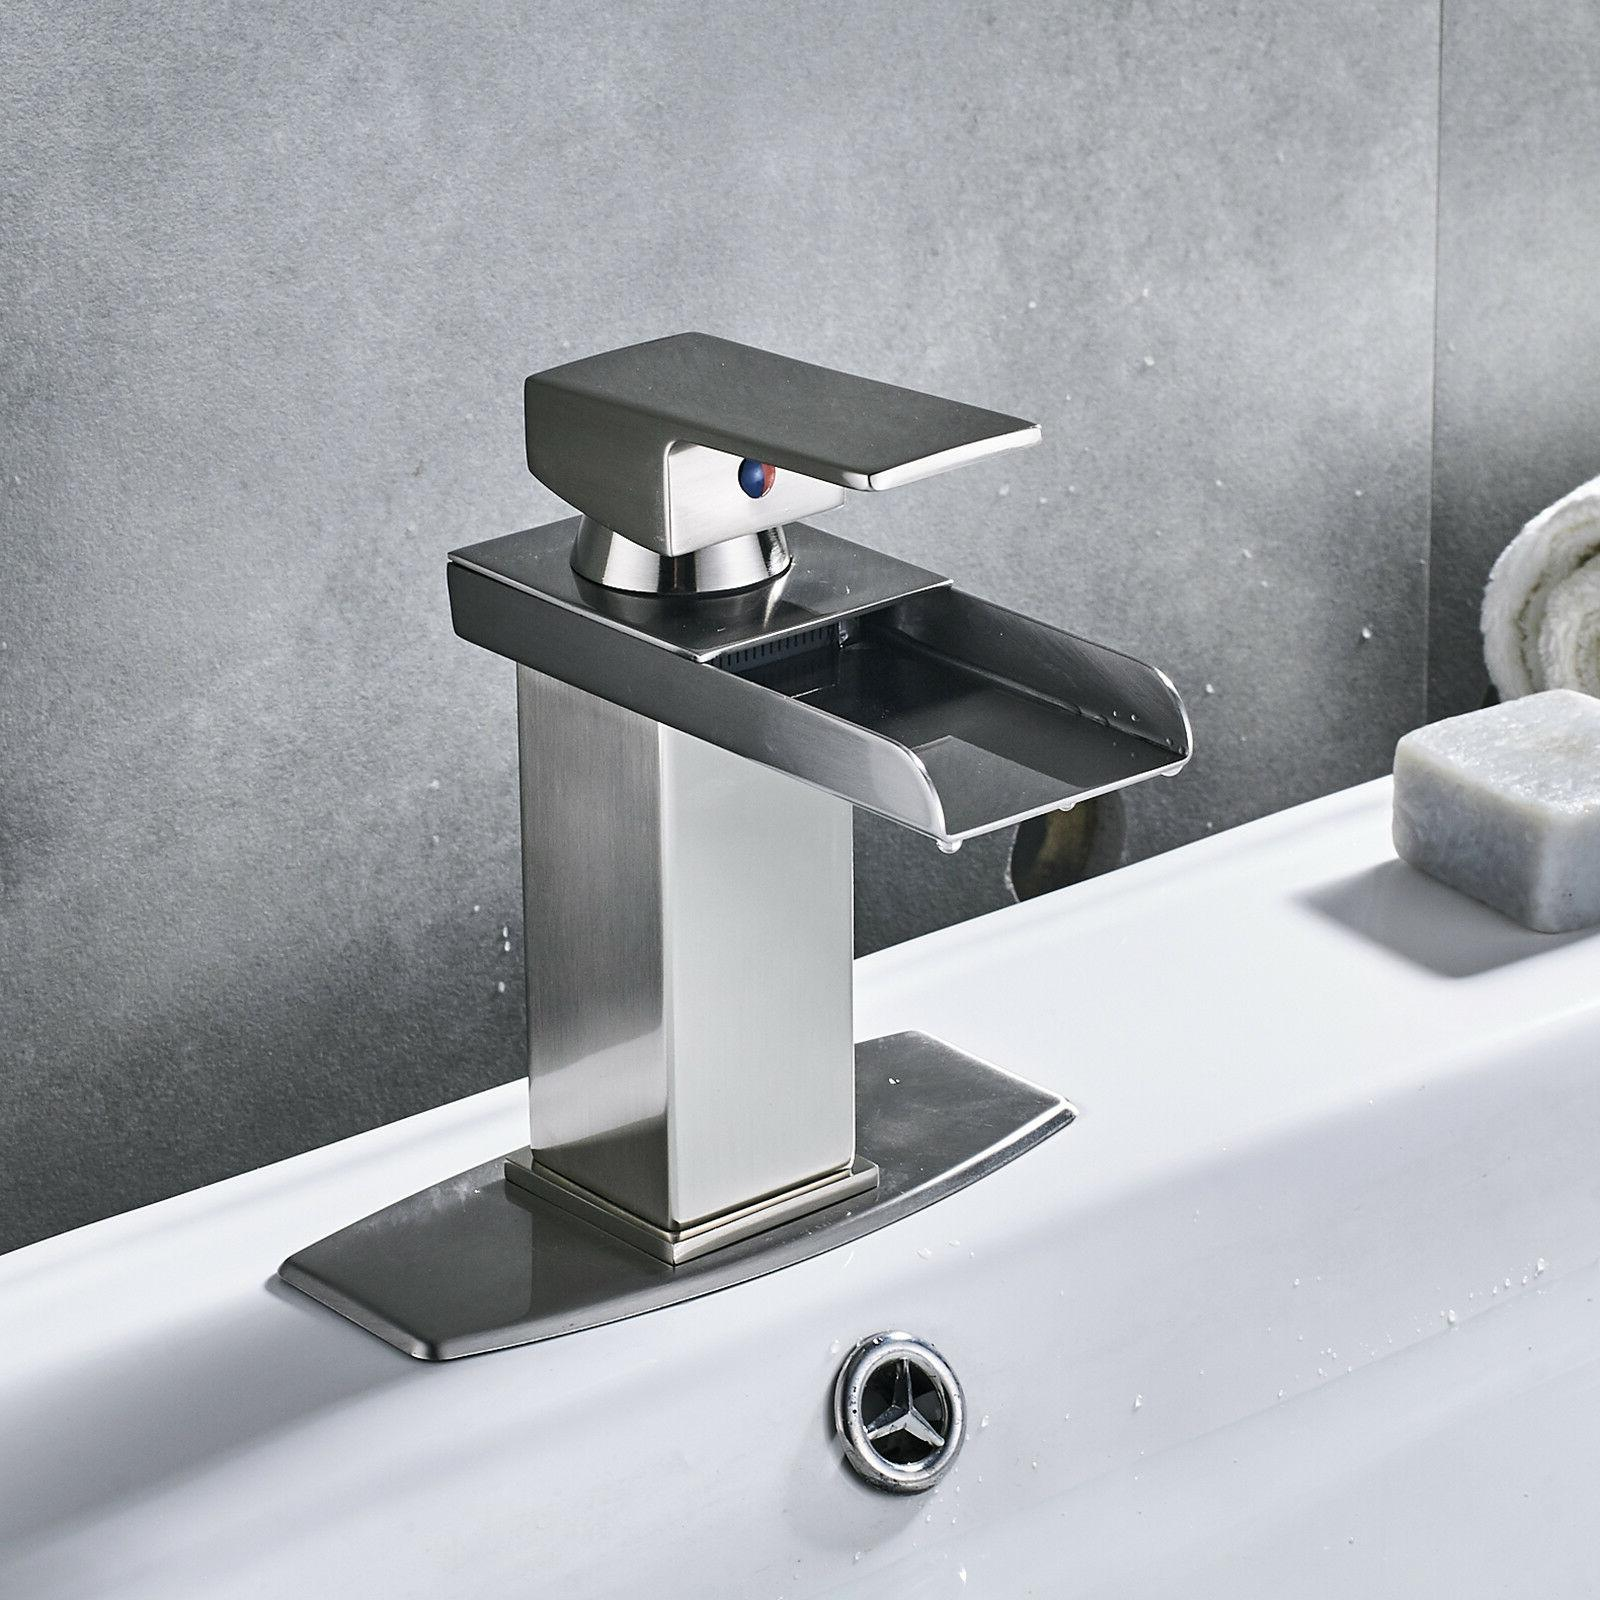 Bathroom Basin Faucet Brushed Nickel Waterfall Square Vanity